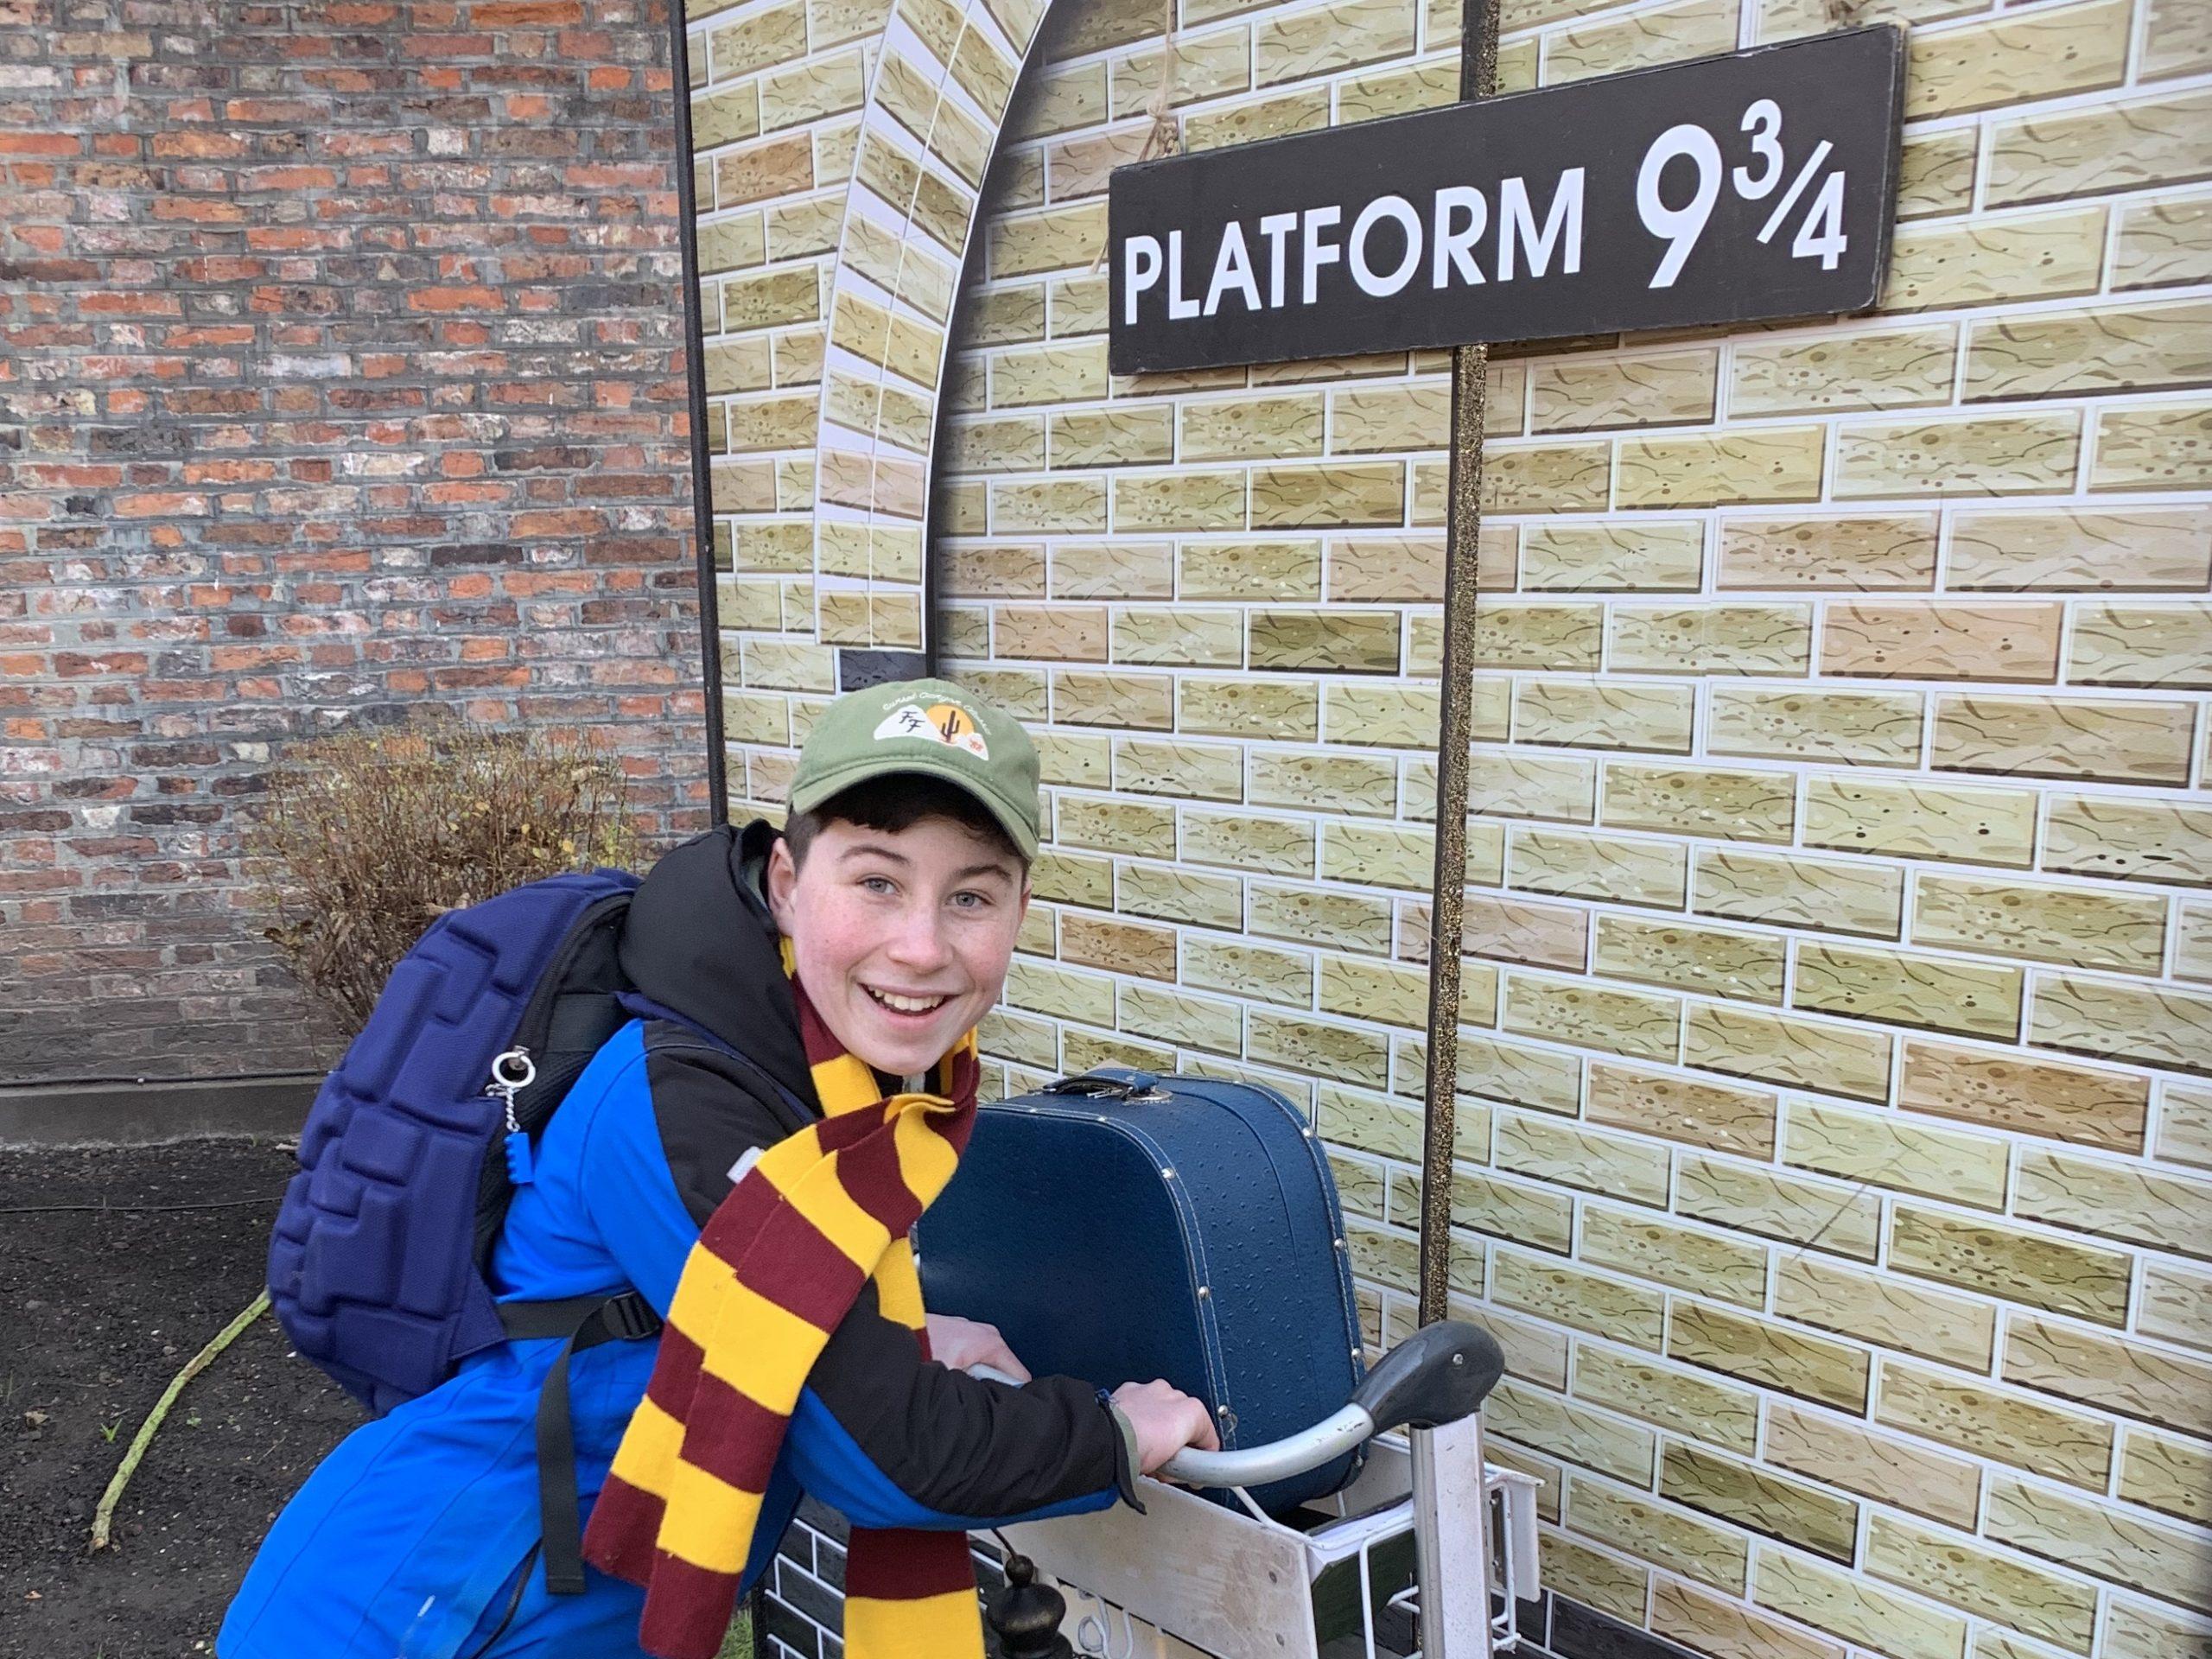 a boy running towards Hogwarts platform 9 3/4 with a trolley